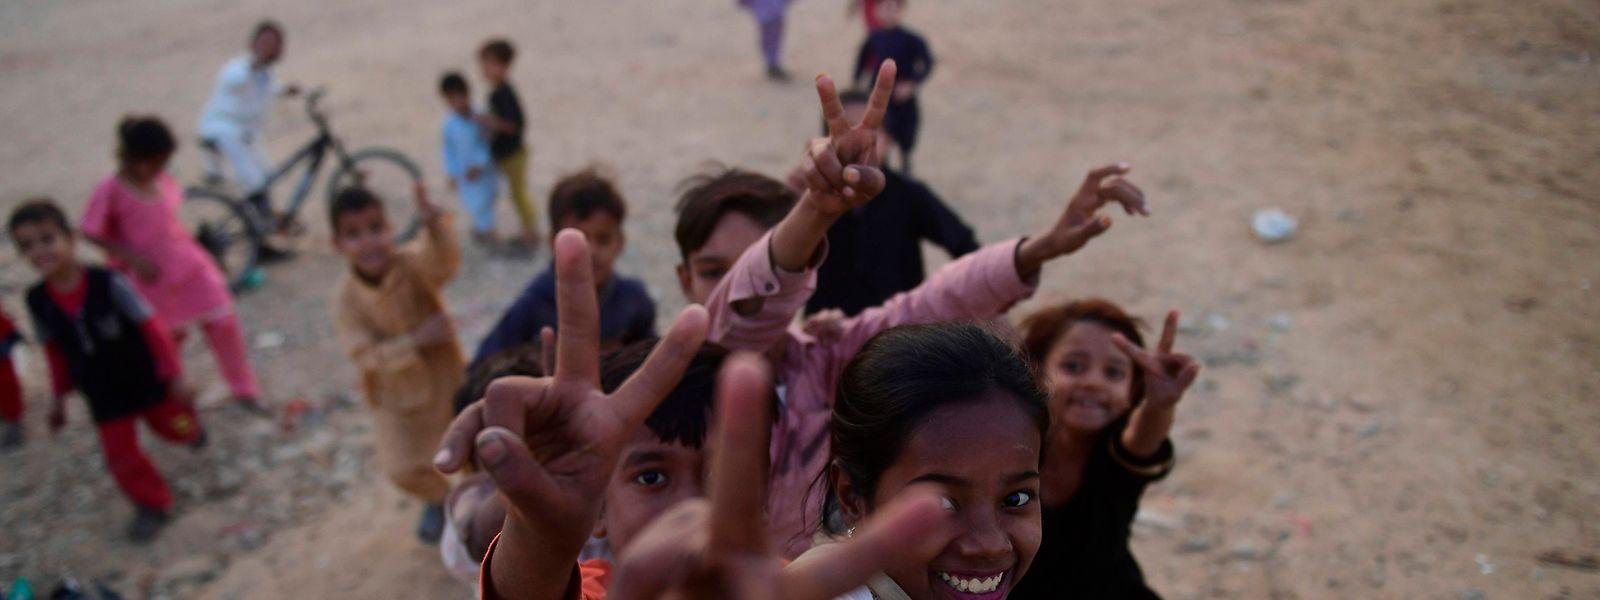 Crianças paquistanesas brincam ao ar livre em Karachi no Dia Mundial da Criança, assinalado a 20 de novembro pelas Nações Unidas.